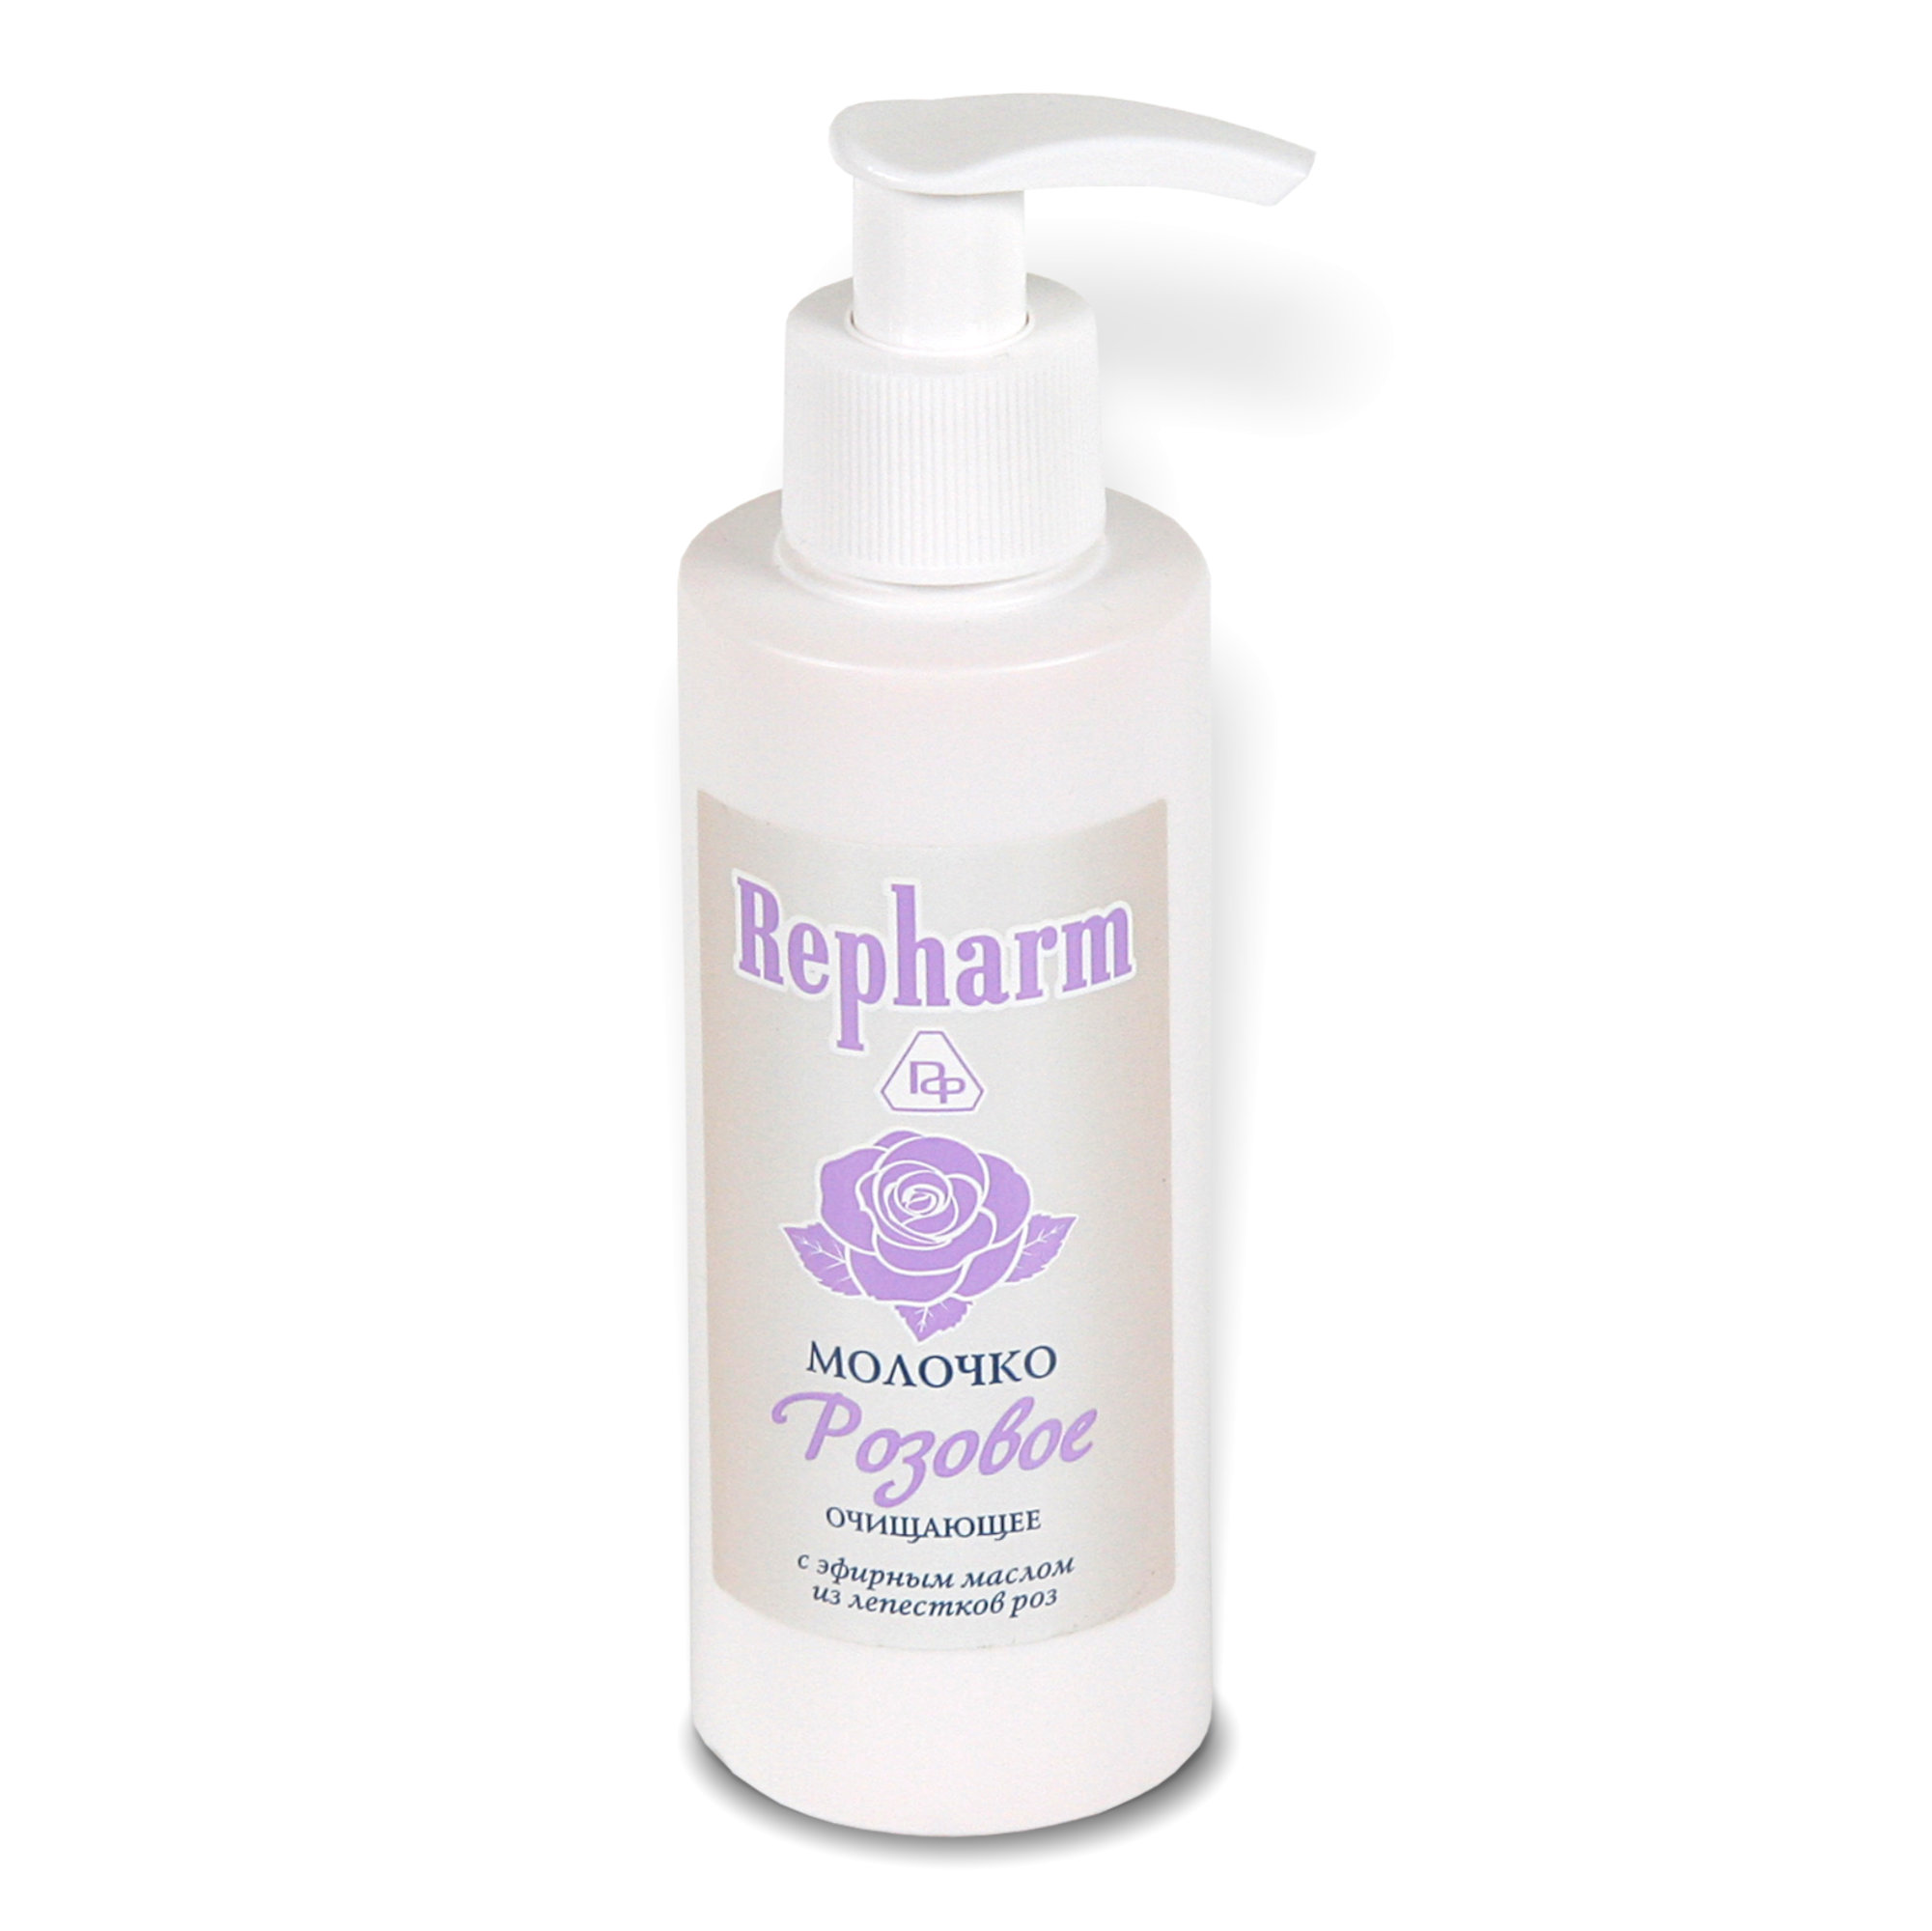 РЕФАРМ Молочко очищающее  РОЗОВОЕ  / Repharm 150млМолочко<br>С эфирным маслом из лепестков роз для сухой и нормальной кожи. Деликатно очищает кожу, снимает макияж и загрязнения. Молочко способствует очистке и сужению пор, успокаивает, устраняет раздражение и шелушение. Эфирное розовое масло освежает, тонизирует и разглаживает кожу.<br><br>Объем: 150 мл